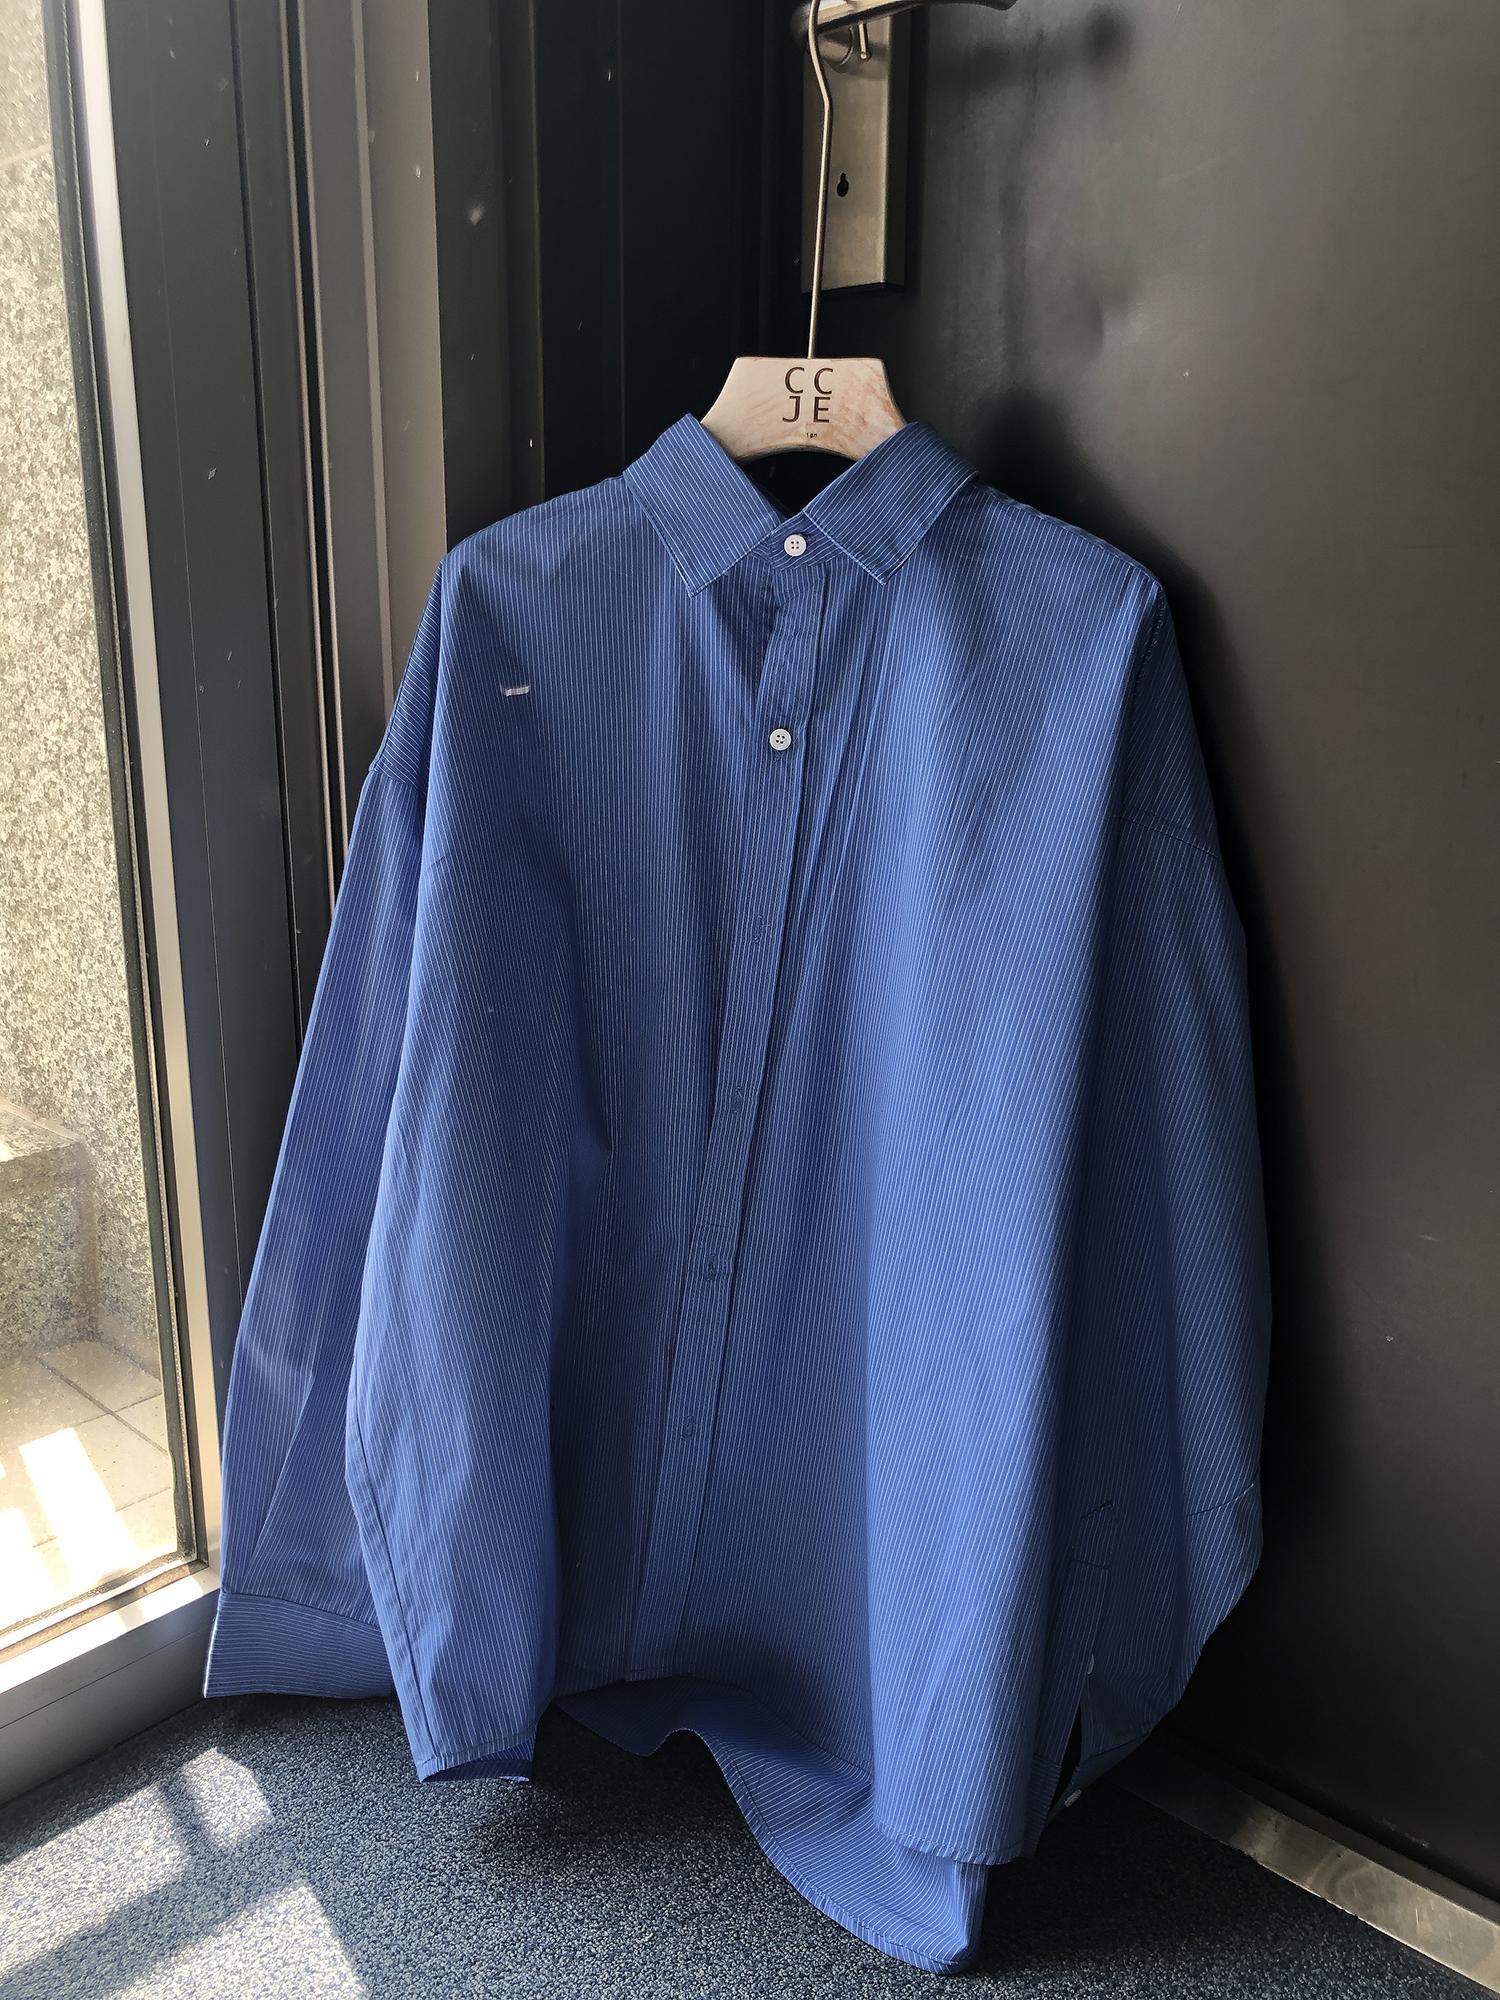 CCJE2019新款秋季蓝色细条纹衬衫韩版潮流宽松衬衣外套外穿男潮(用40元券)